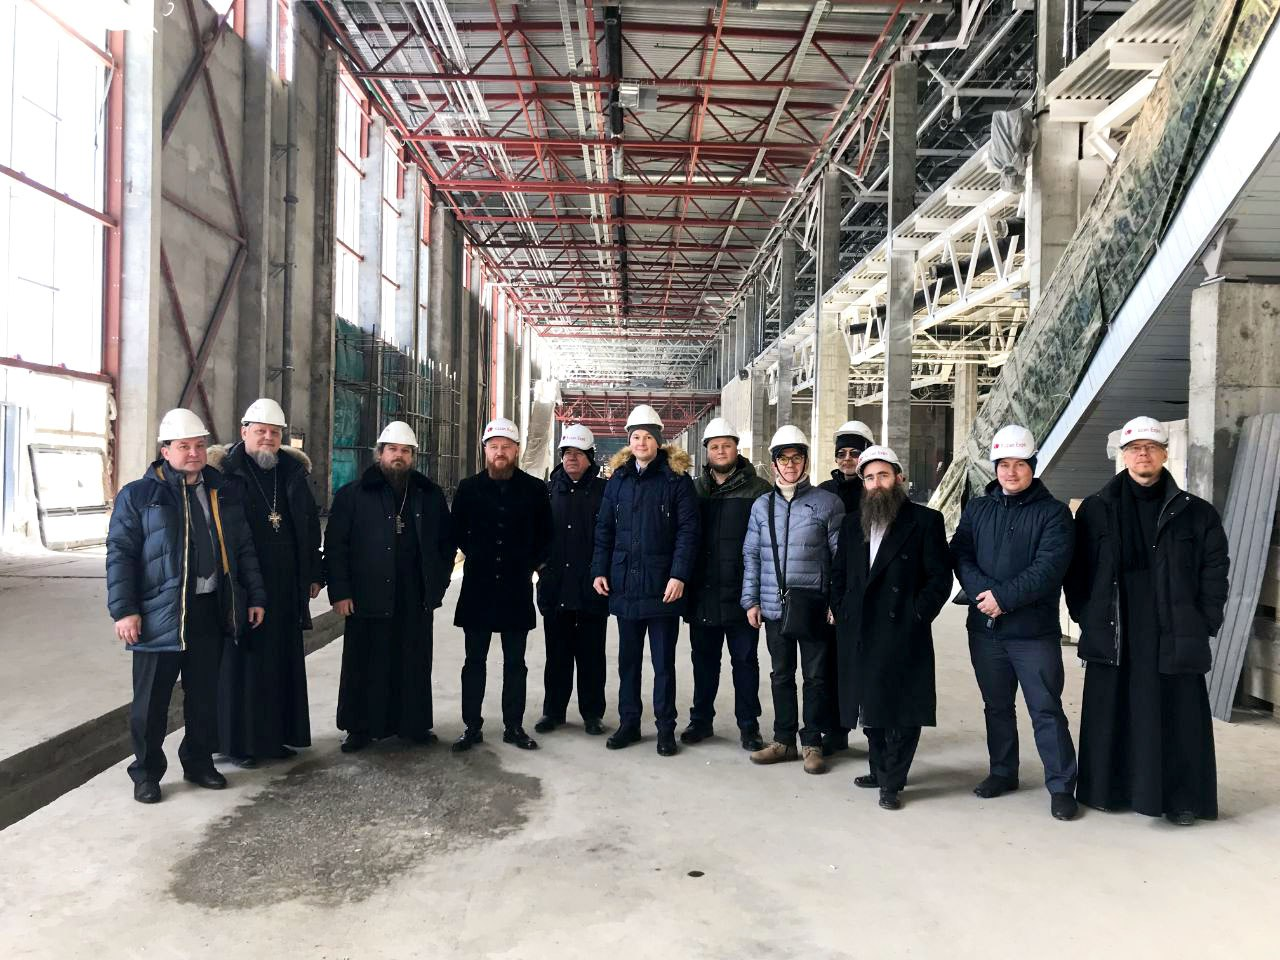 Благочинный I Казанского округа принял участие в совещании по проведению в Казани чемпионата WorldSkills-2019